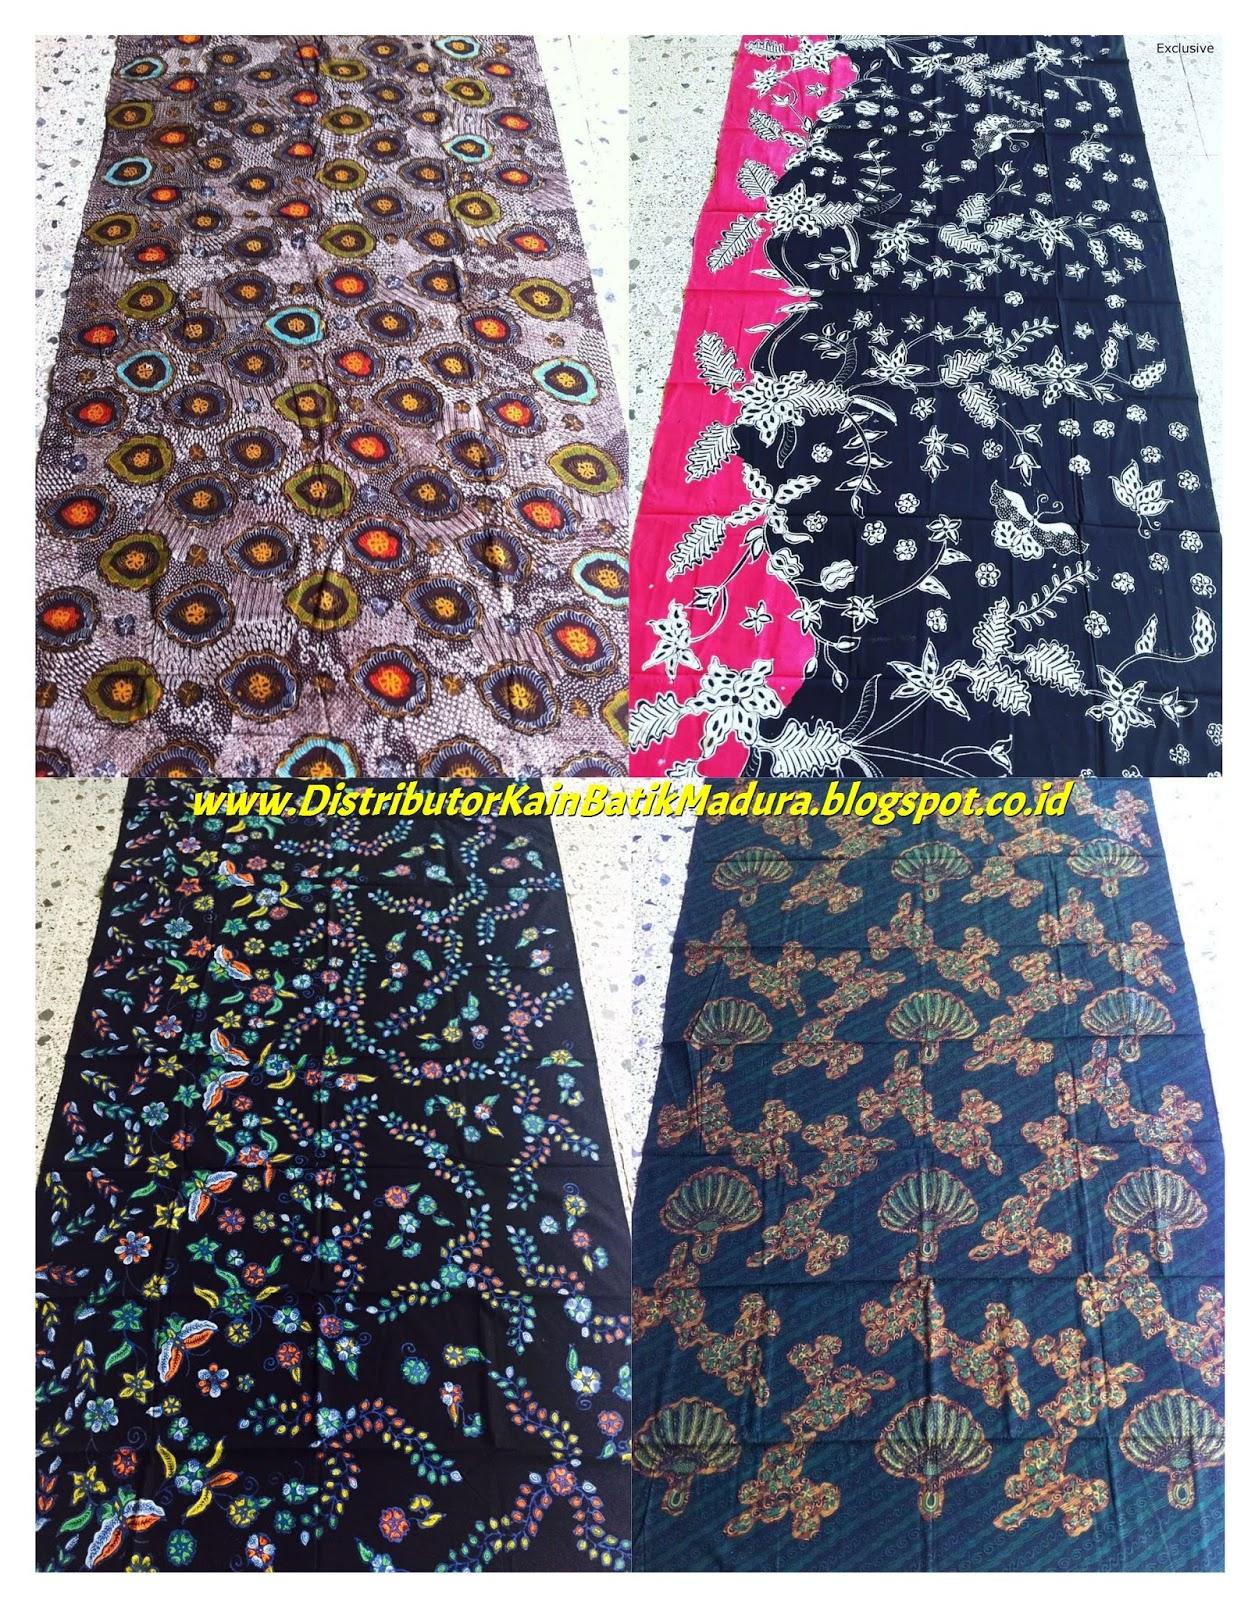 Harga Kain Batik Harga Kain Batik Katun Super B Per Meter Wa 0823